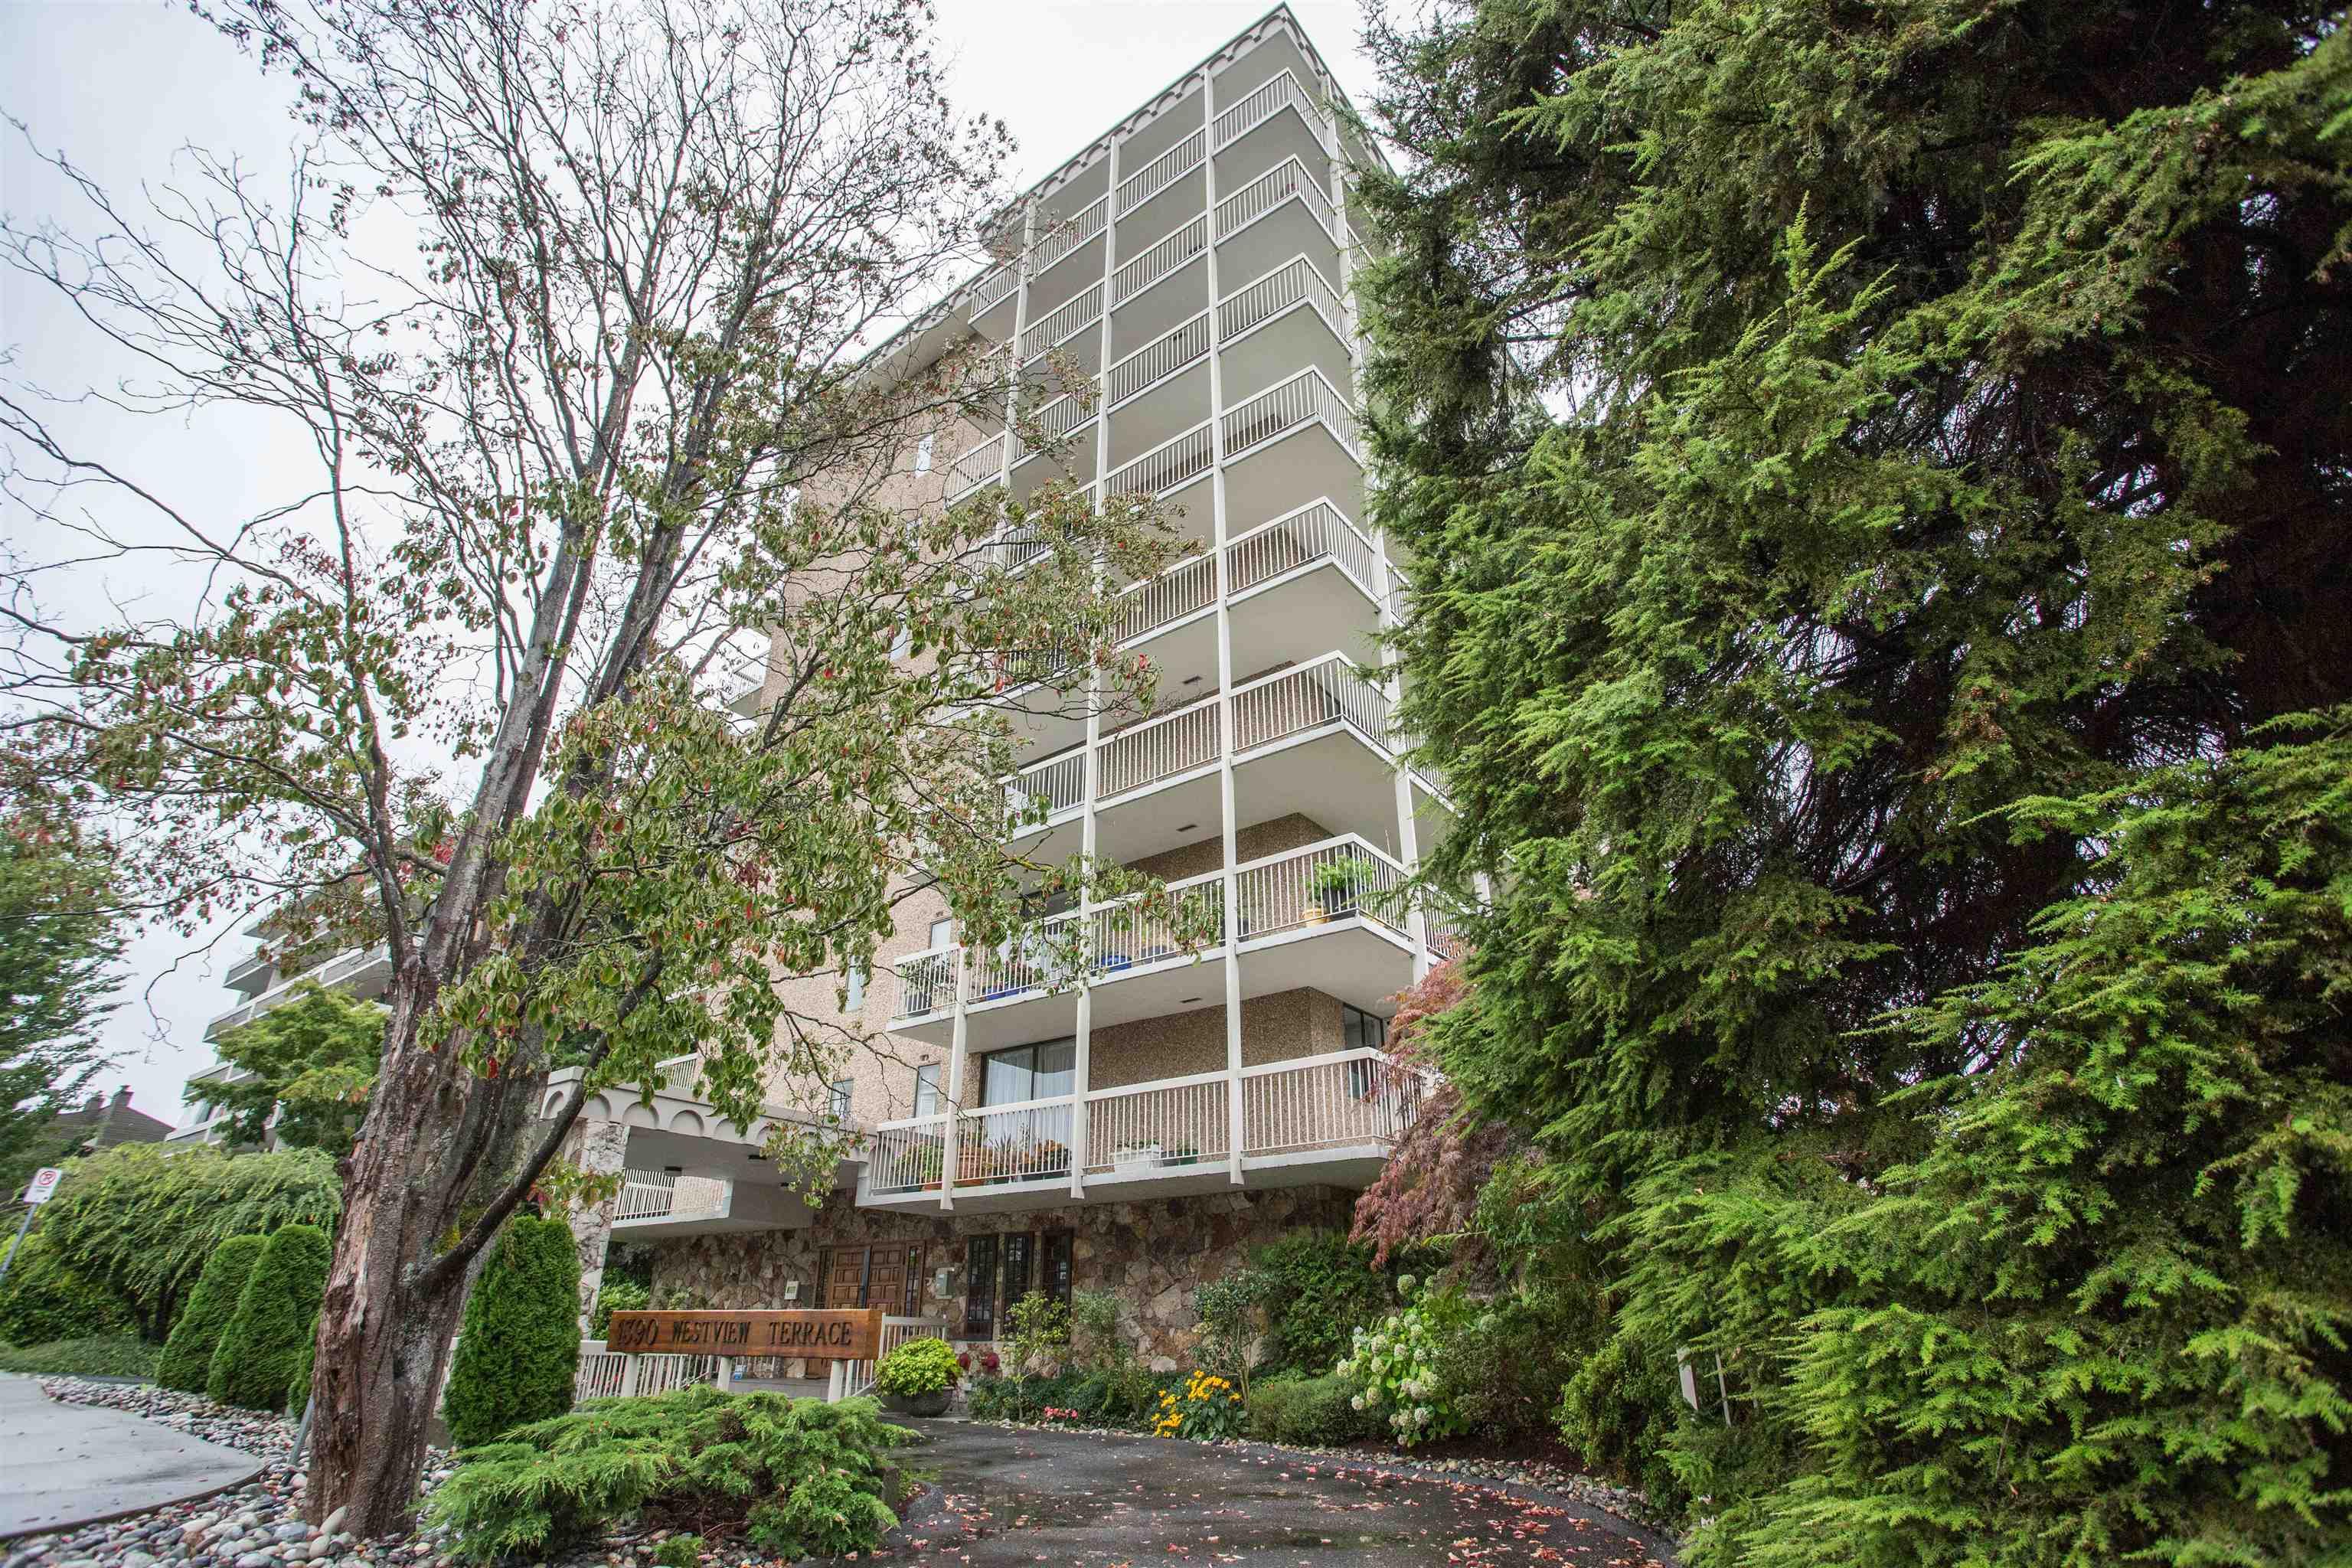 203 1390 DUCHESS AVENUE - Ambleside Apartment/Condo for sale, 1 Bedroom (R2611618) - #37